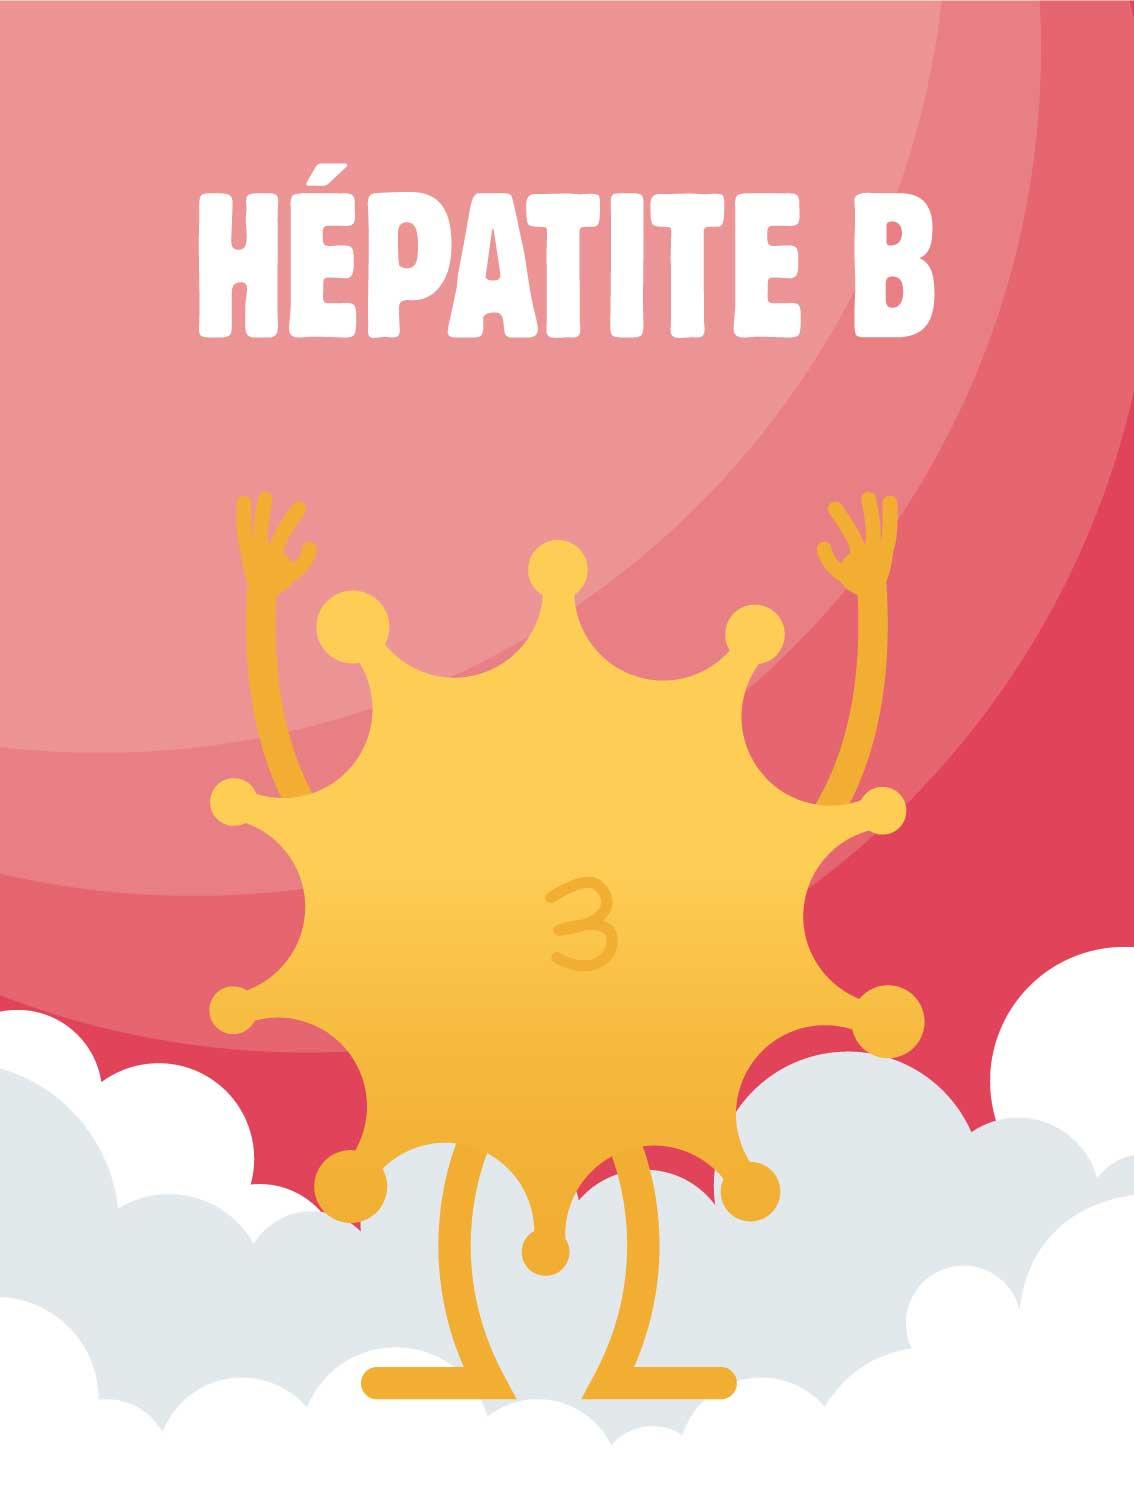 Hépatite B, IST, dépistage, MST, infections sexuellement transmissibles, rapport sexuel à risque